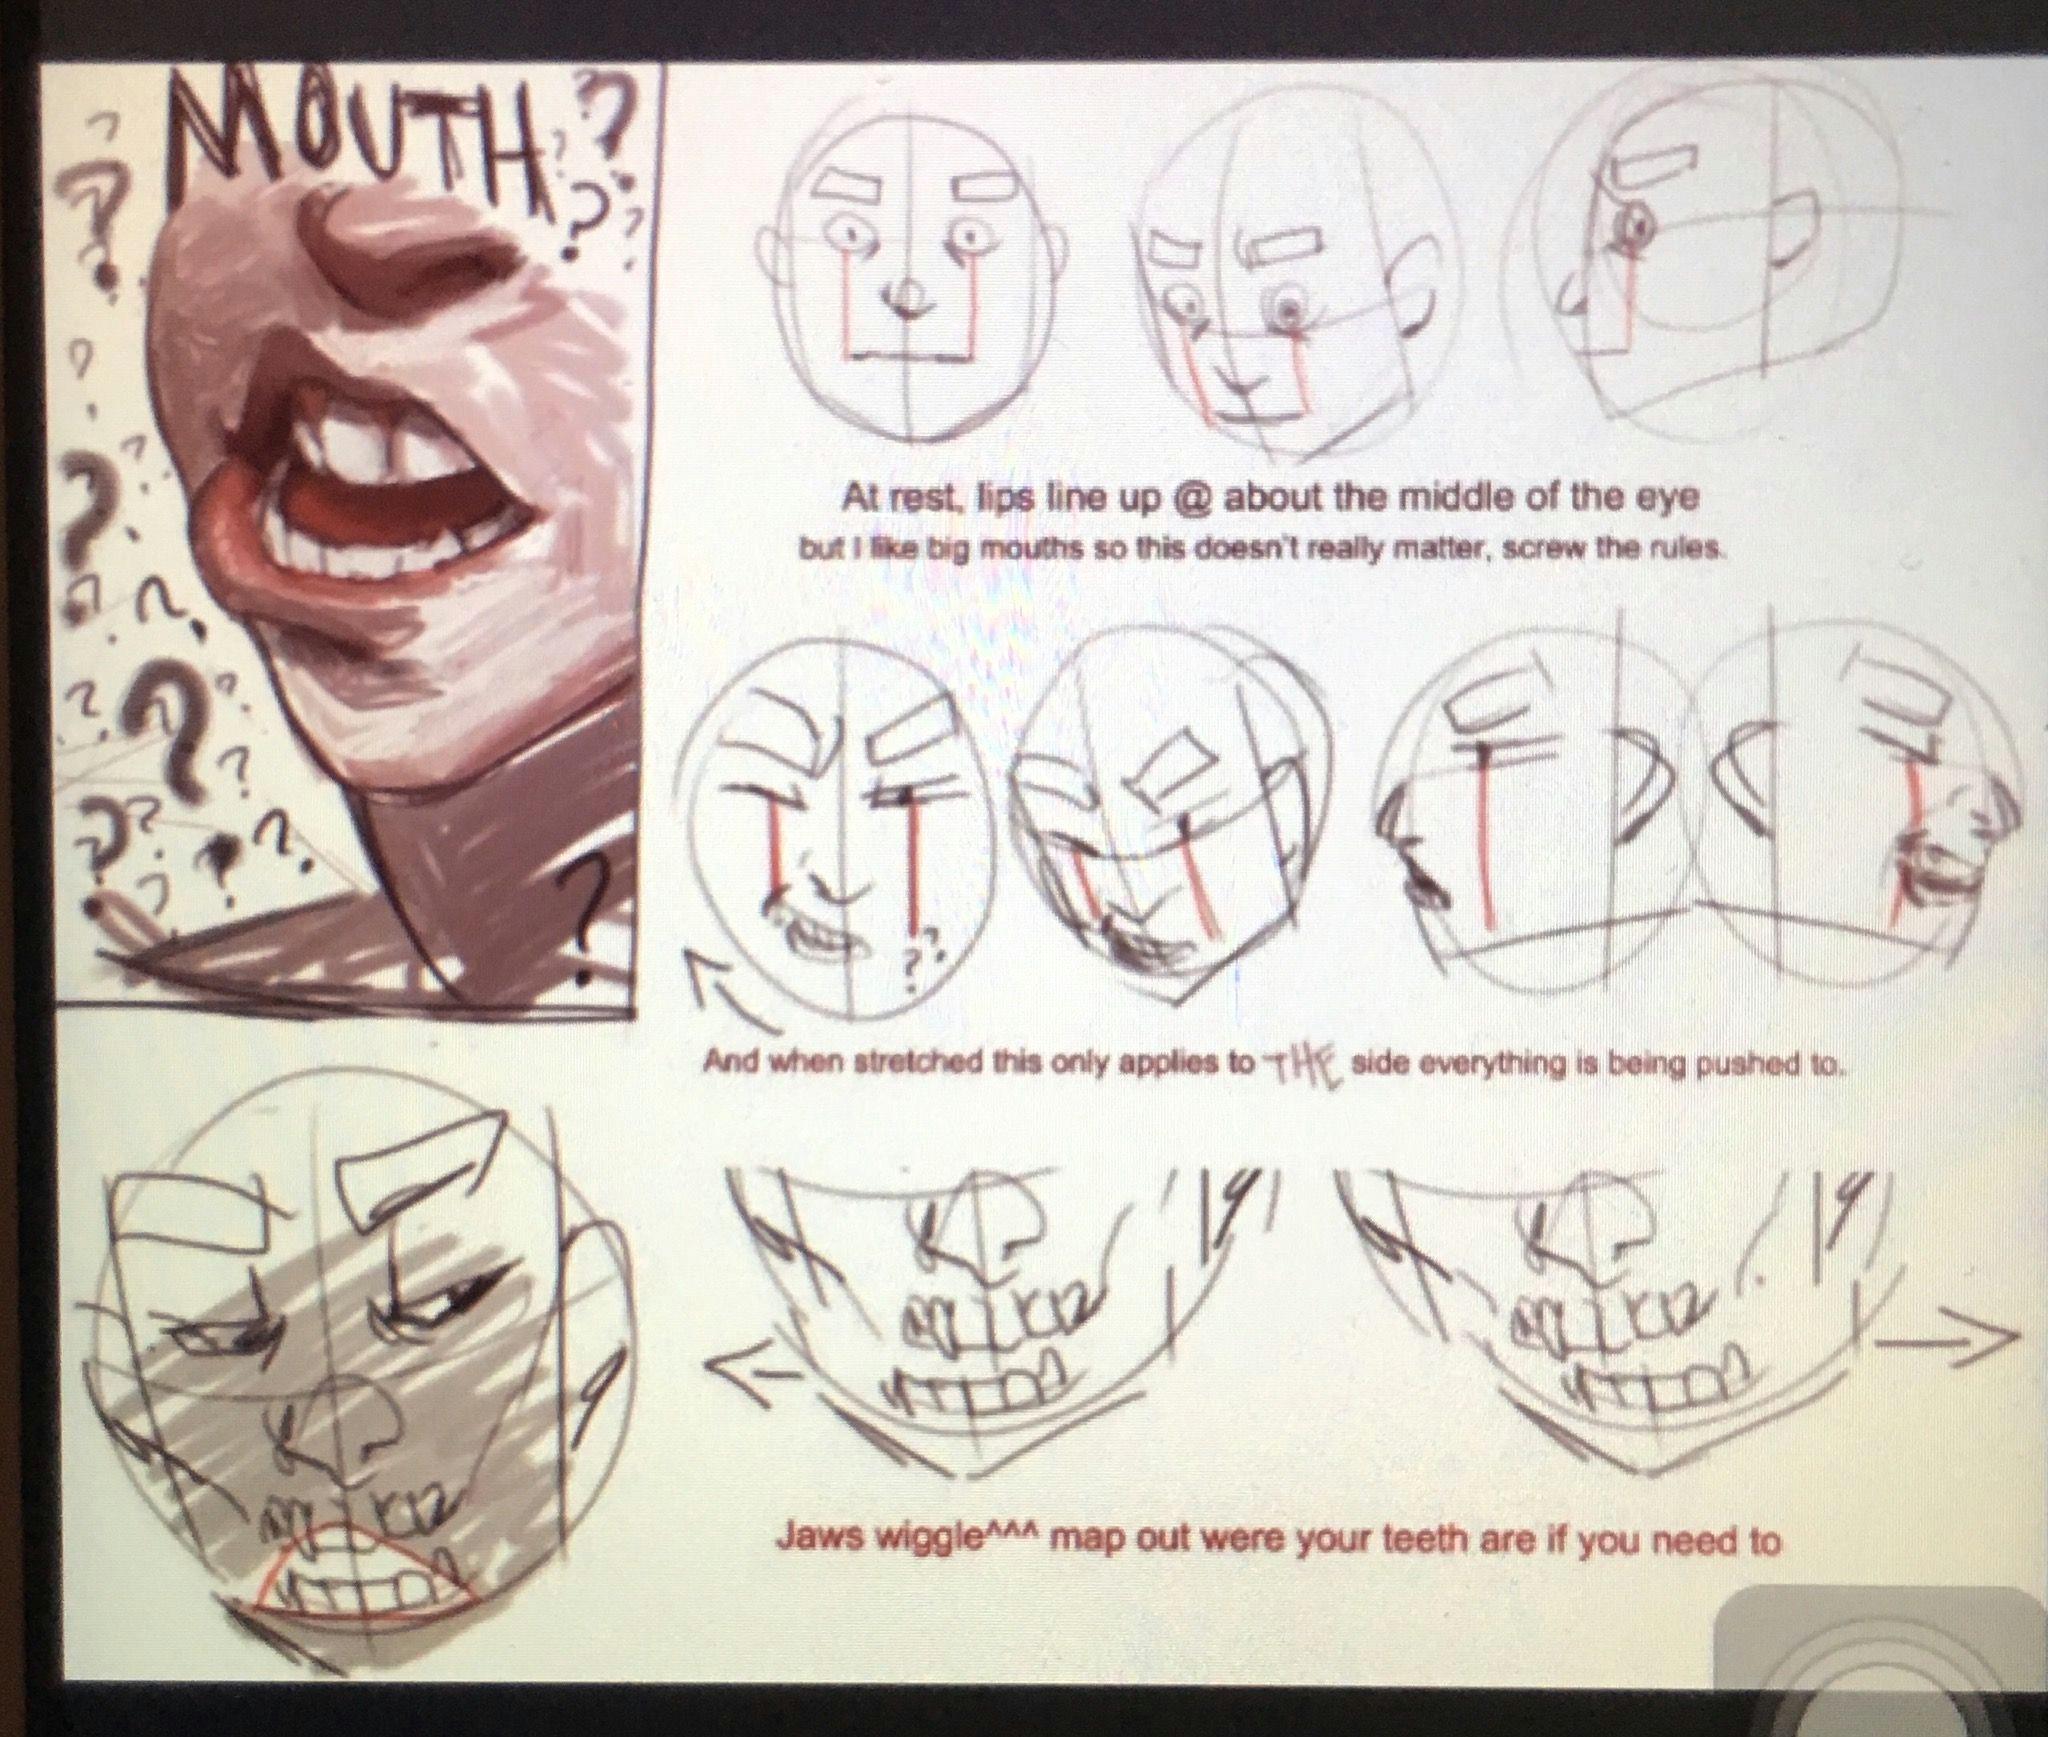 b mouth drawing drawing skills drawing tips drawing stuff drawing journal